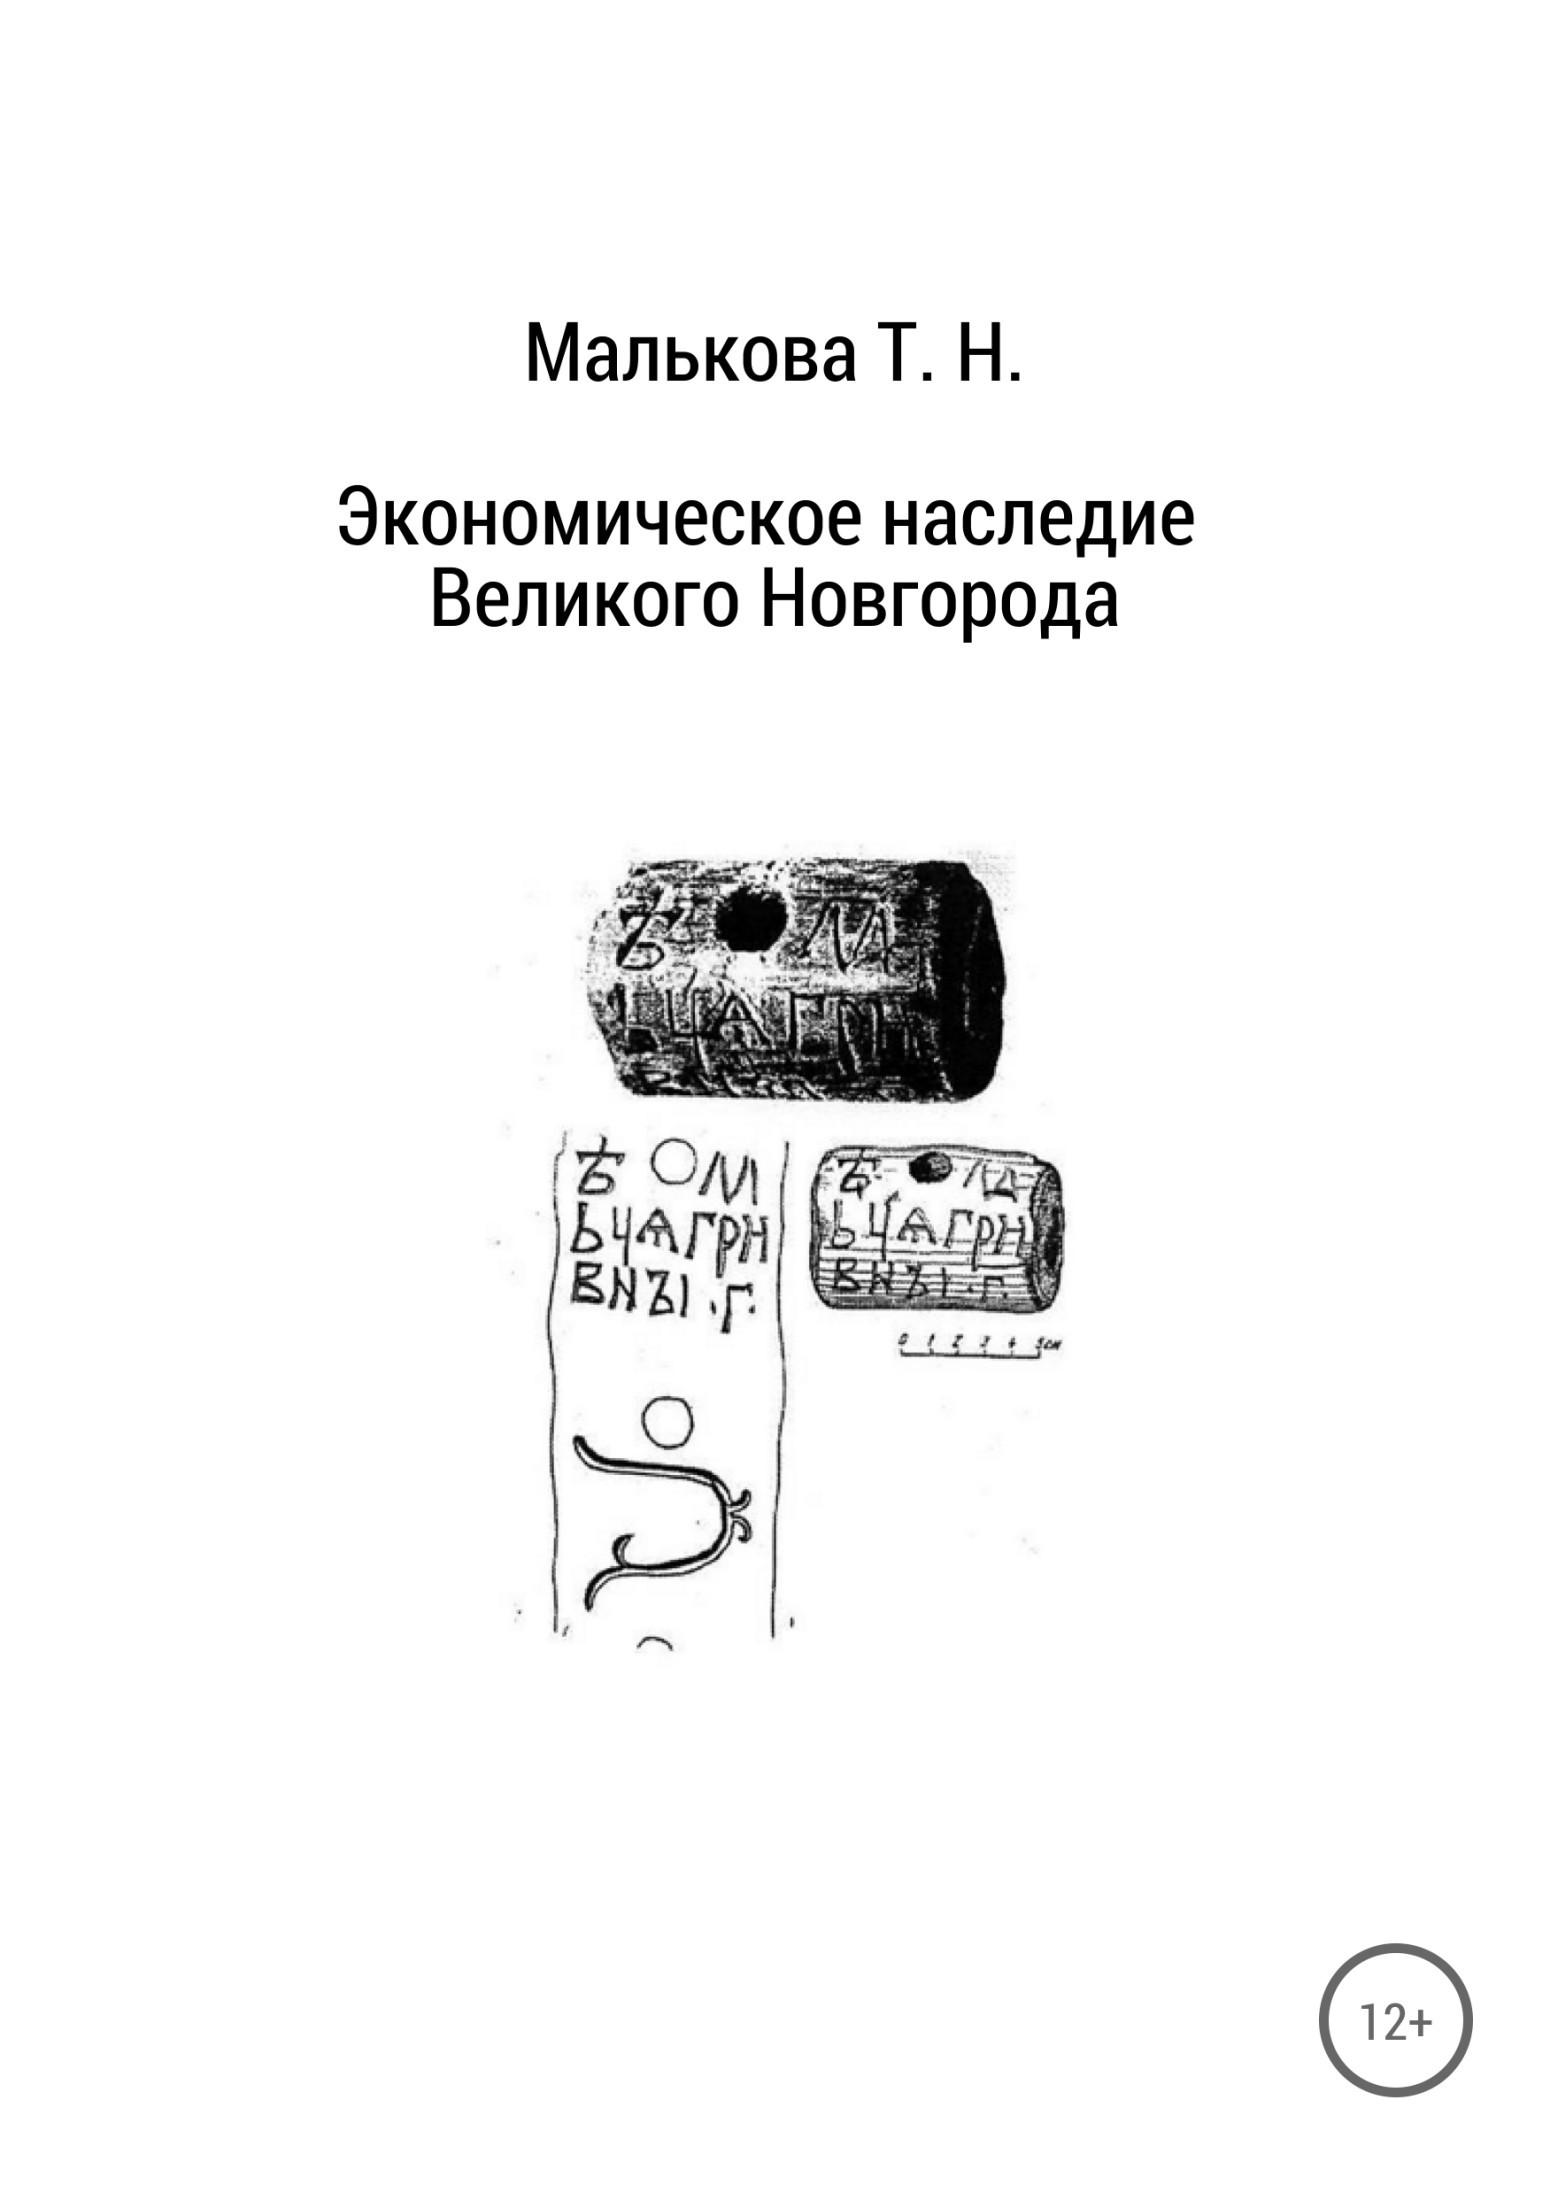 Татьяна Малькова - Экономическое наследие Великого Новгорода